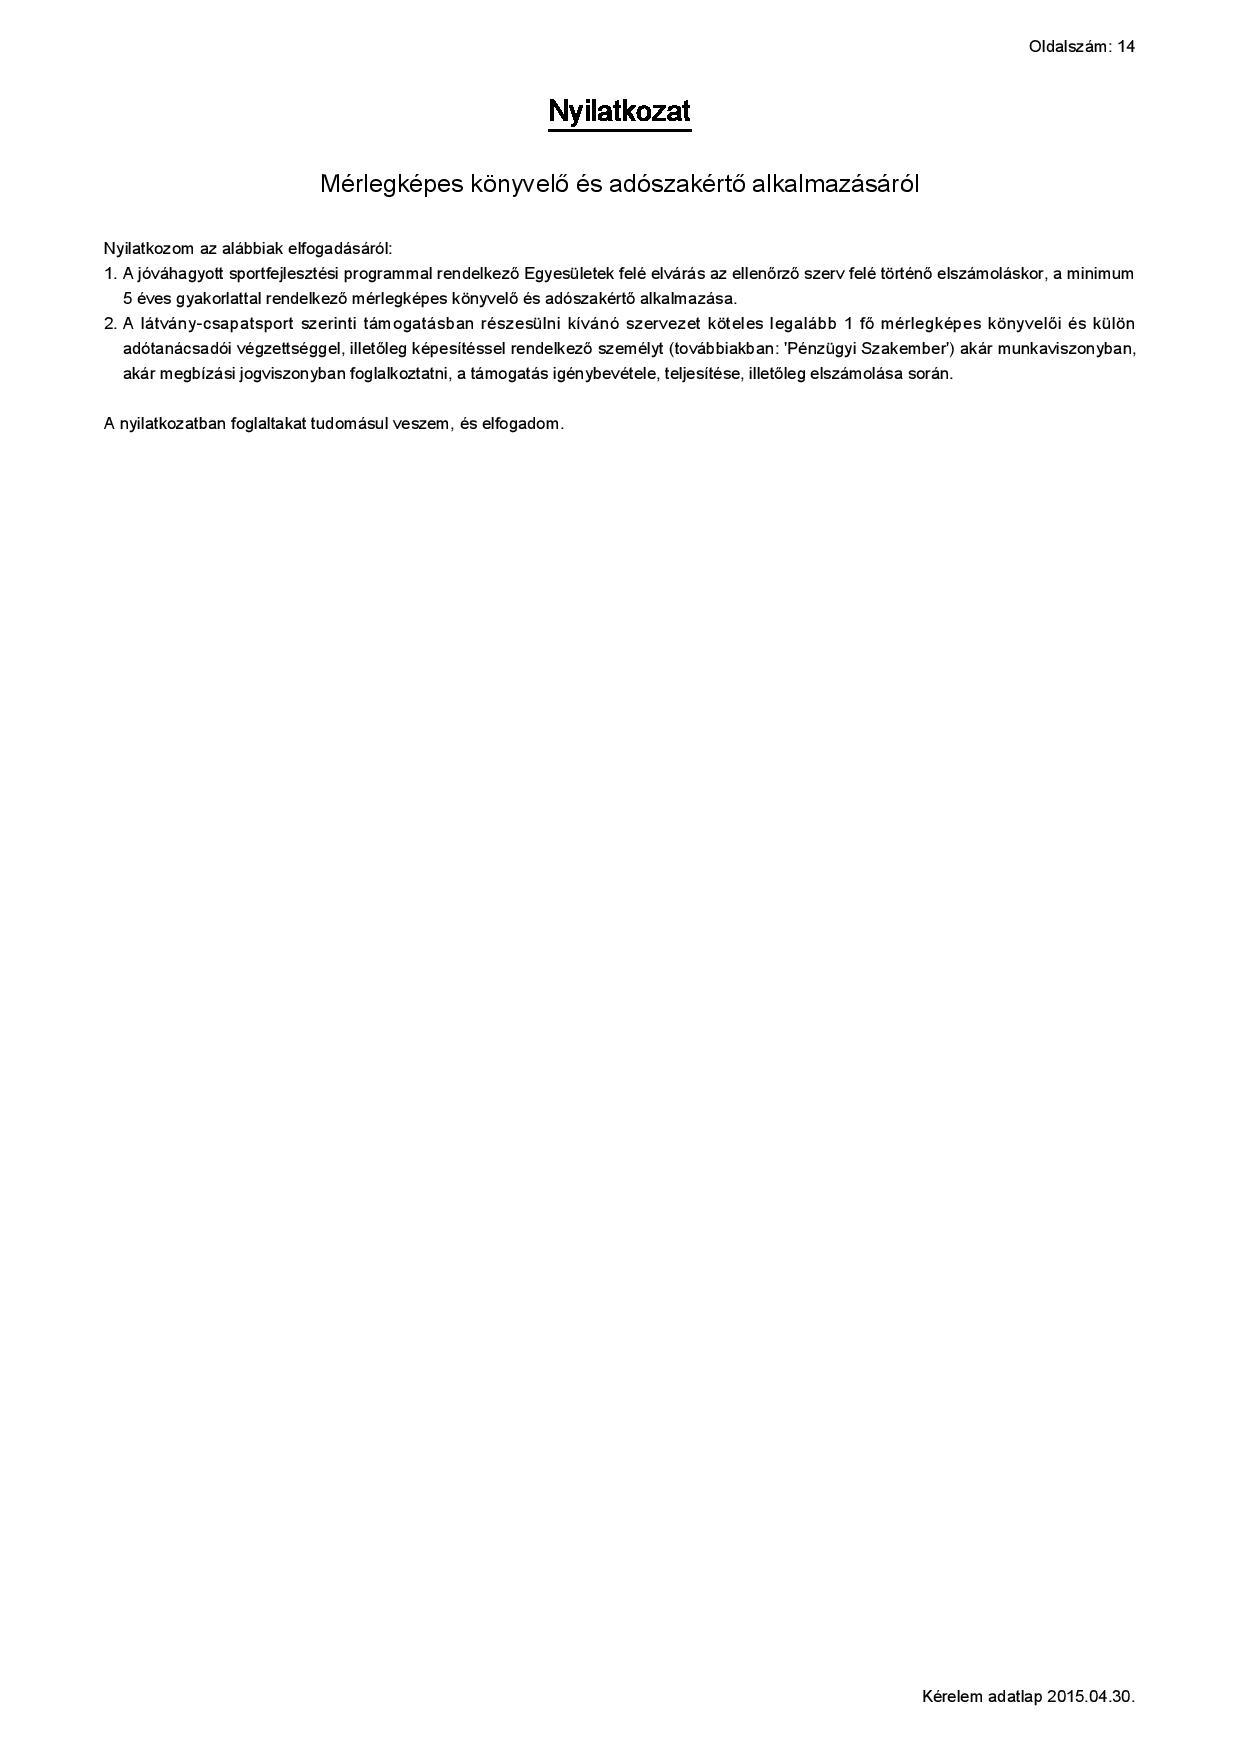 kerelem_djk_2015_2016 ke06328_836_hitelesitett djk dunaújvárosi jégkorong kft 20150430-page-014